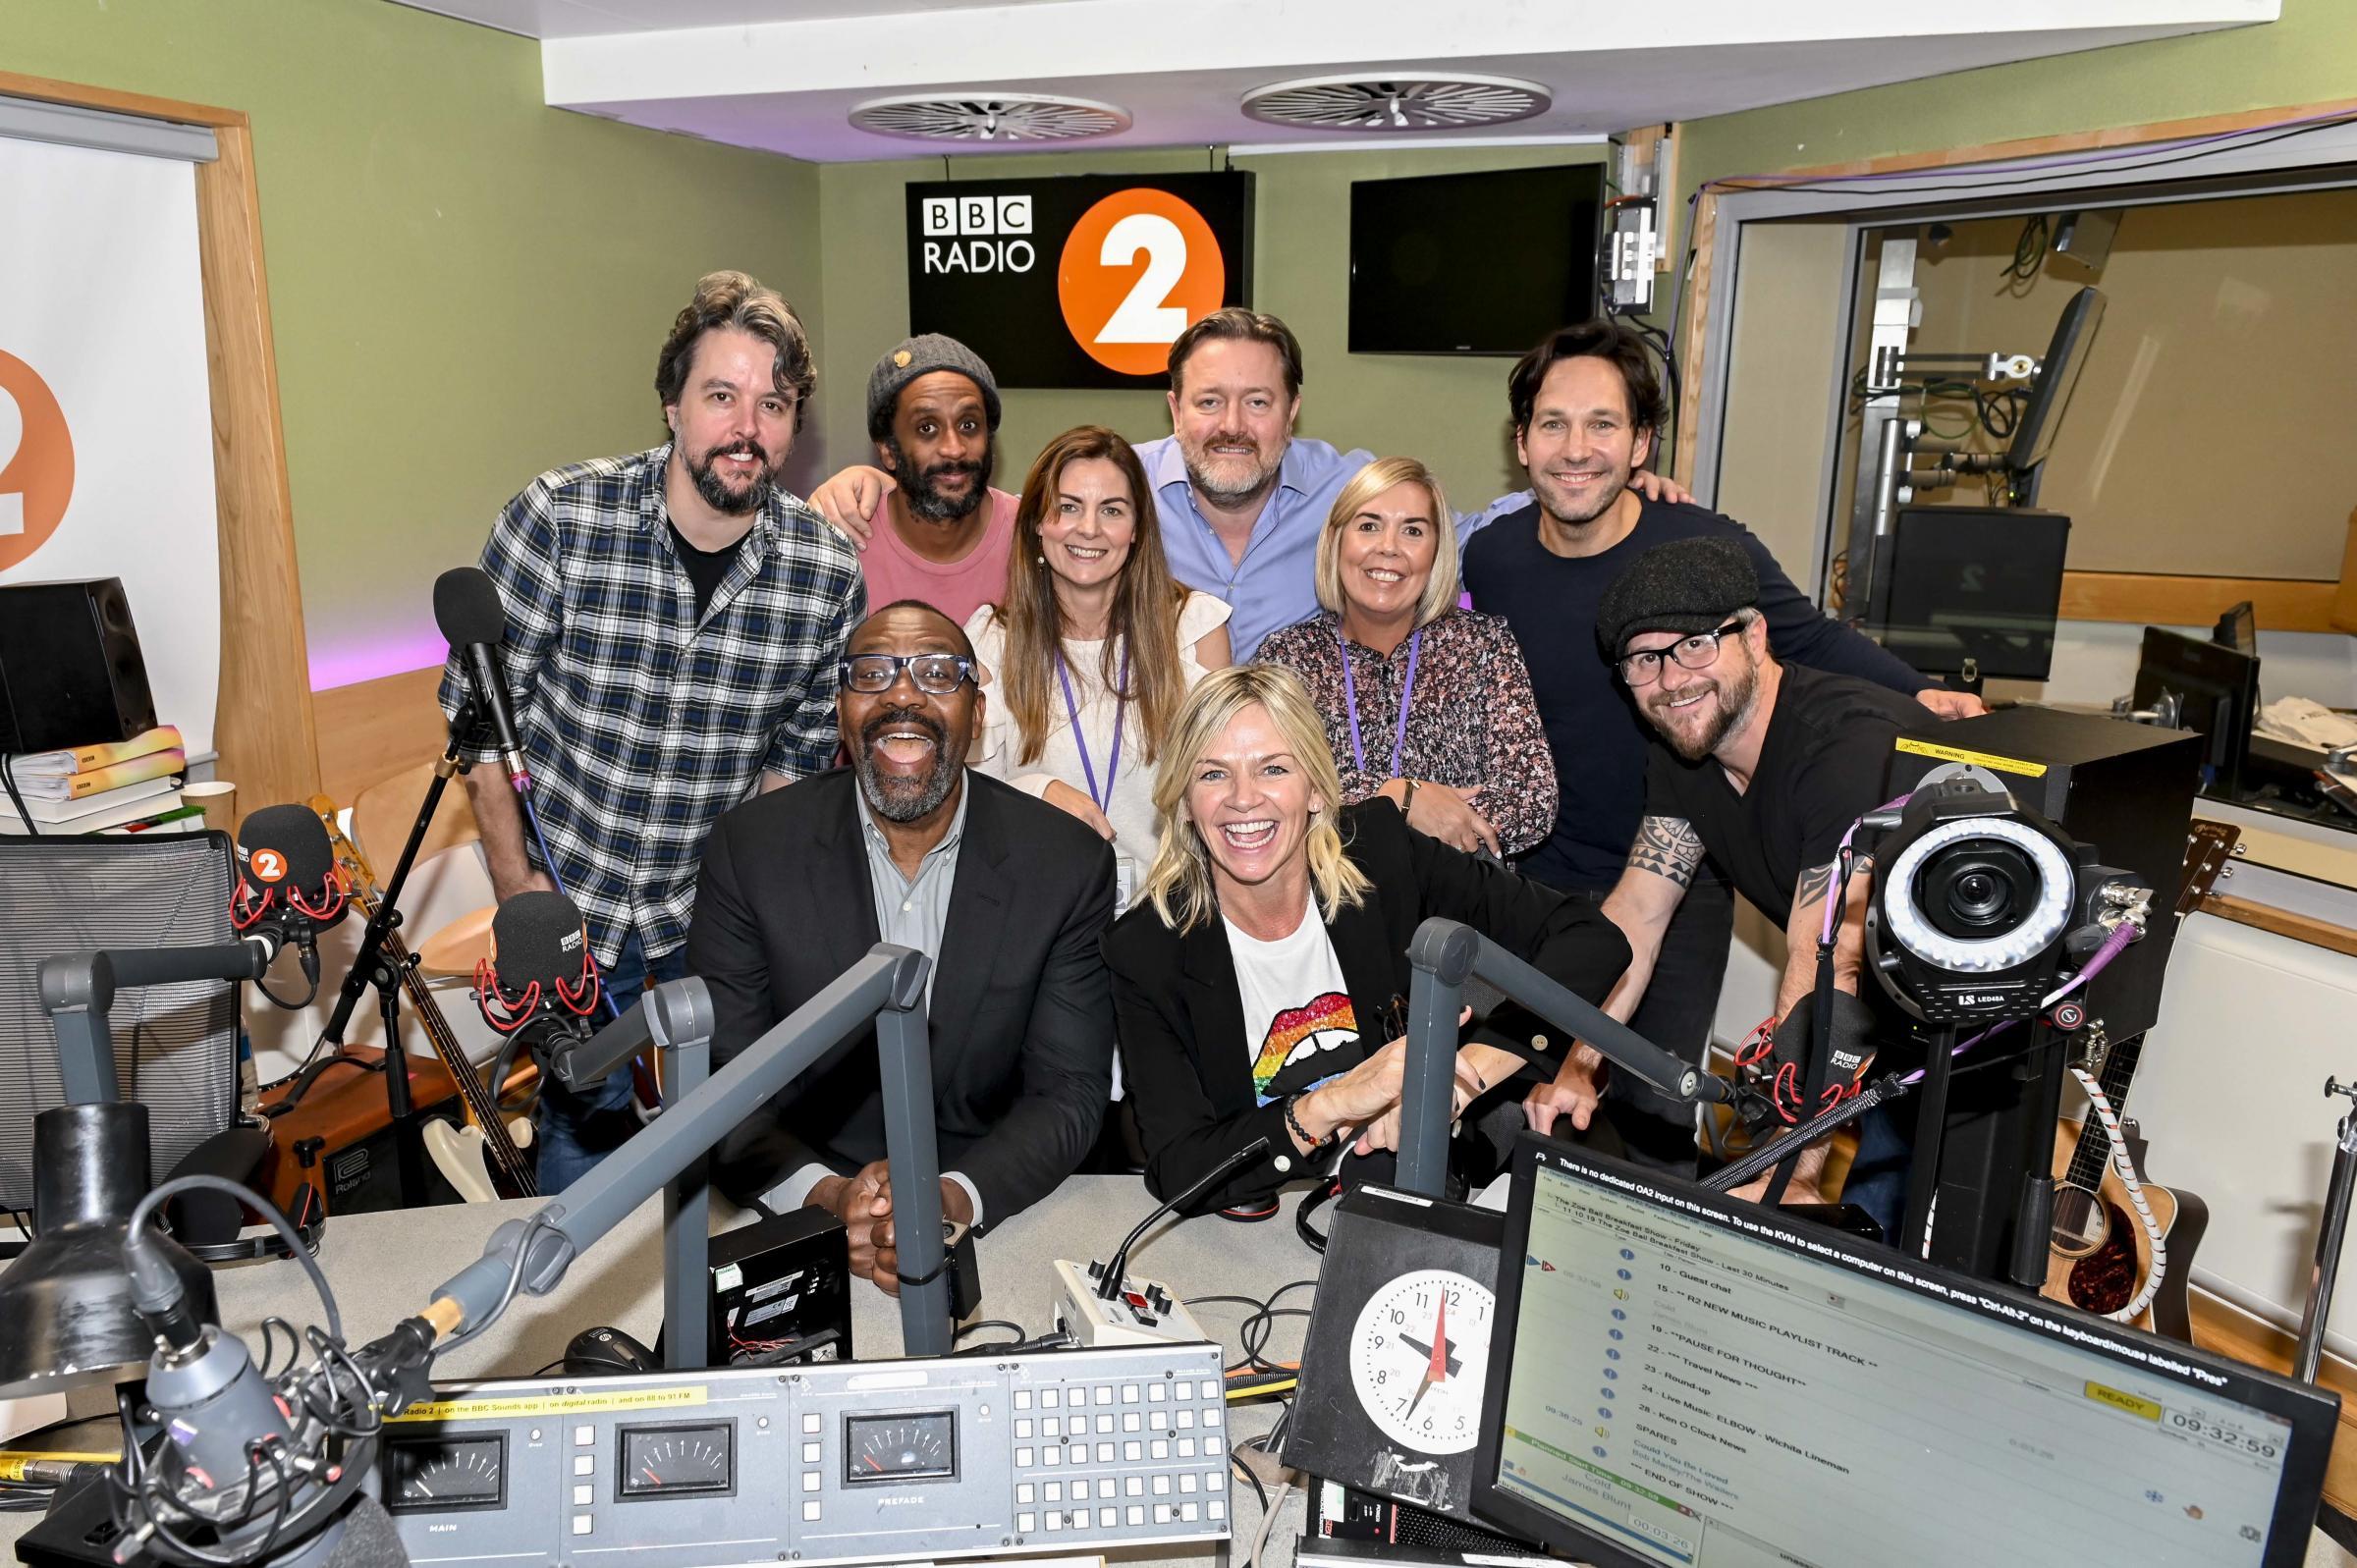 Warrington winner joins Zoe Ball on Radio 2 show